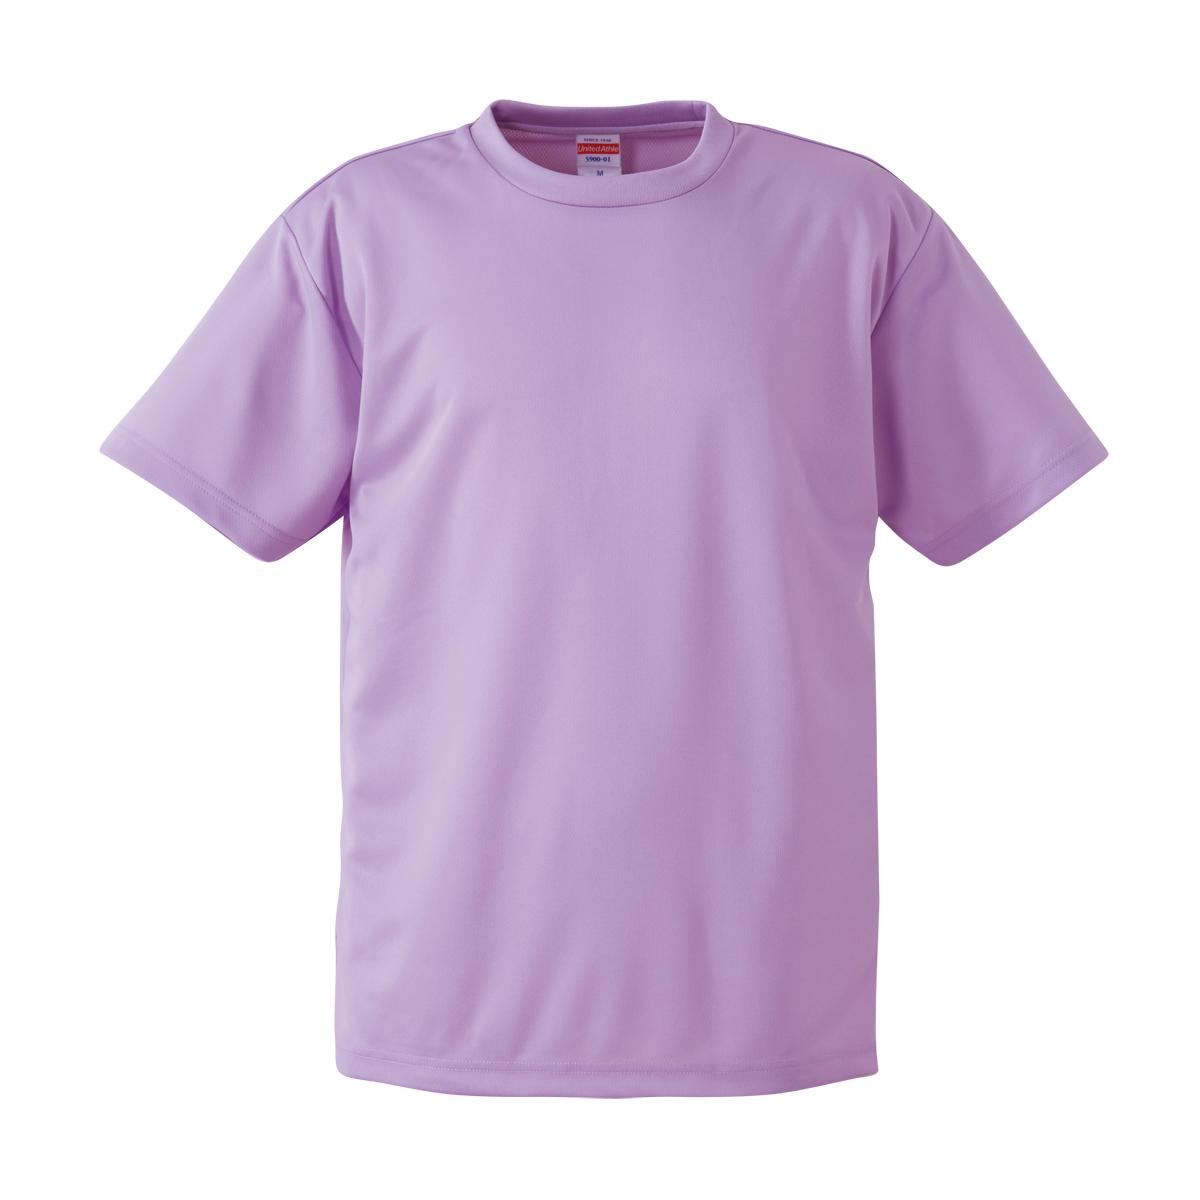 4.1オンスドライTシャツ(ラベンダー)